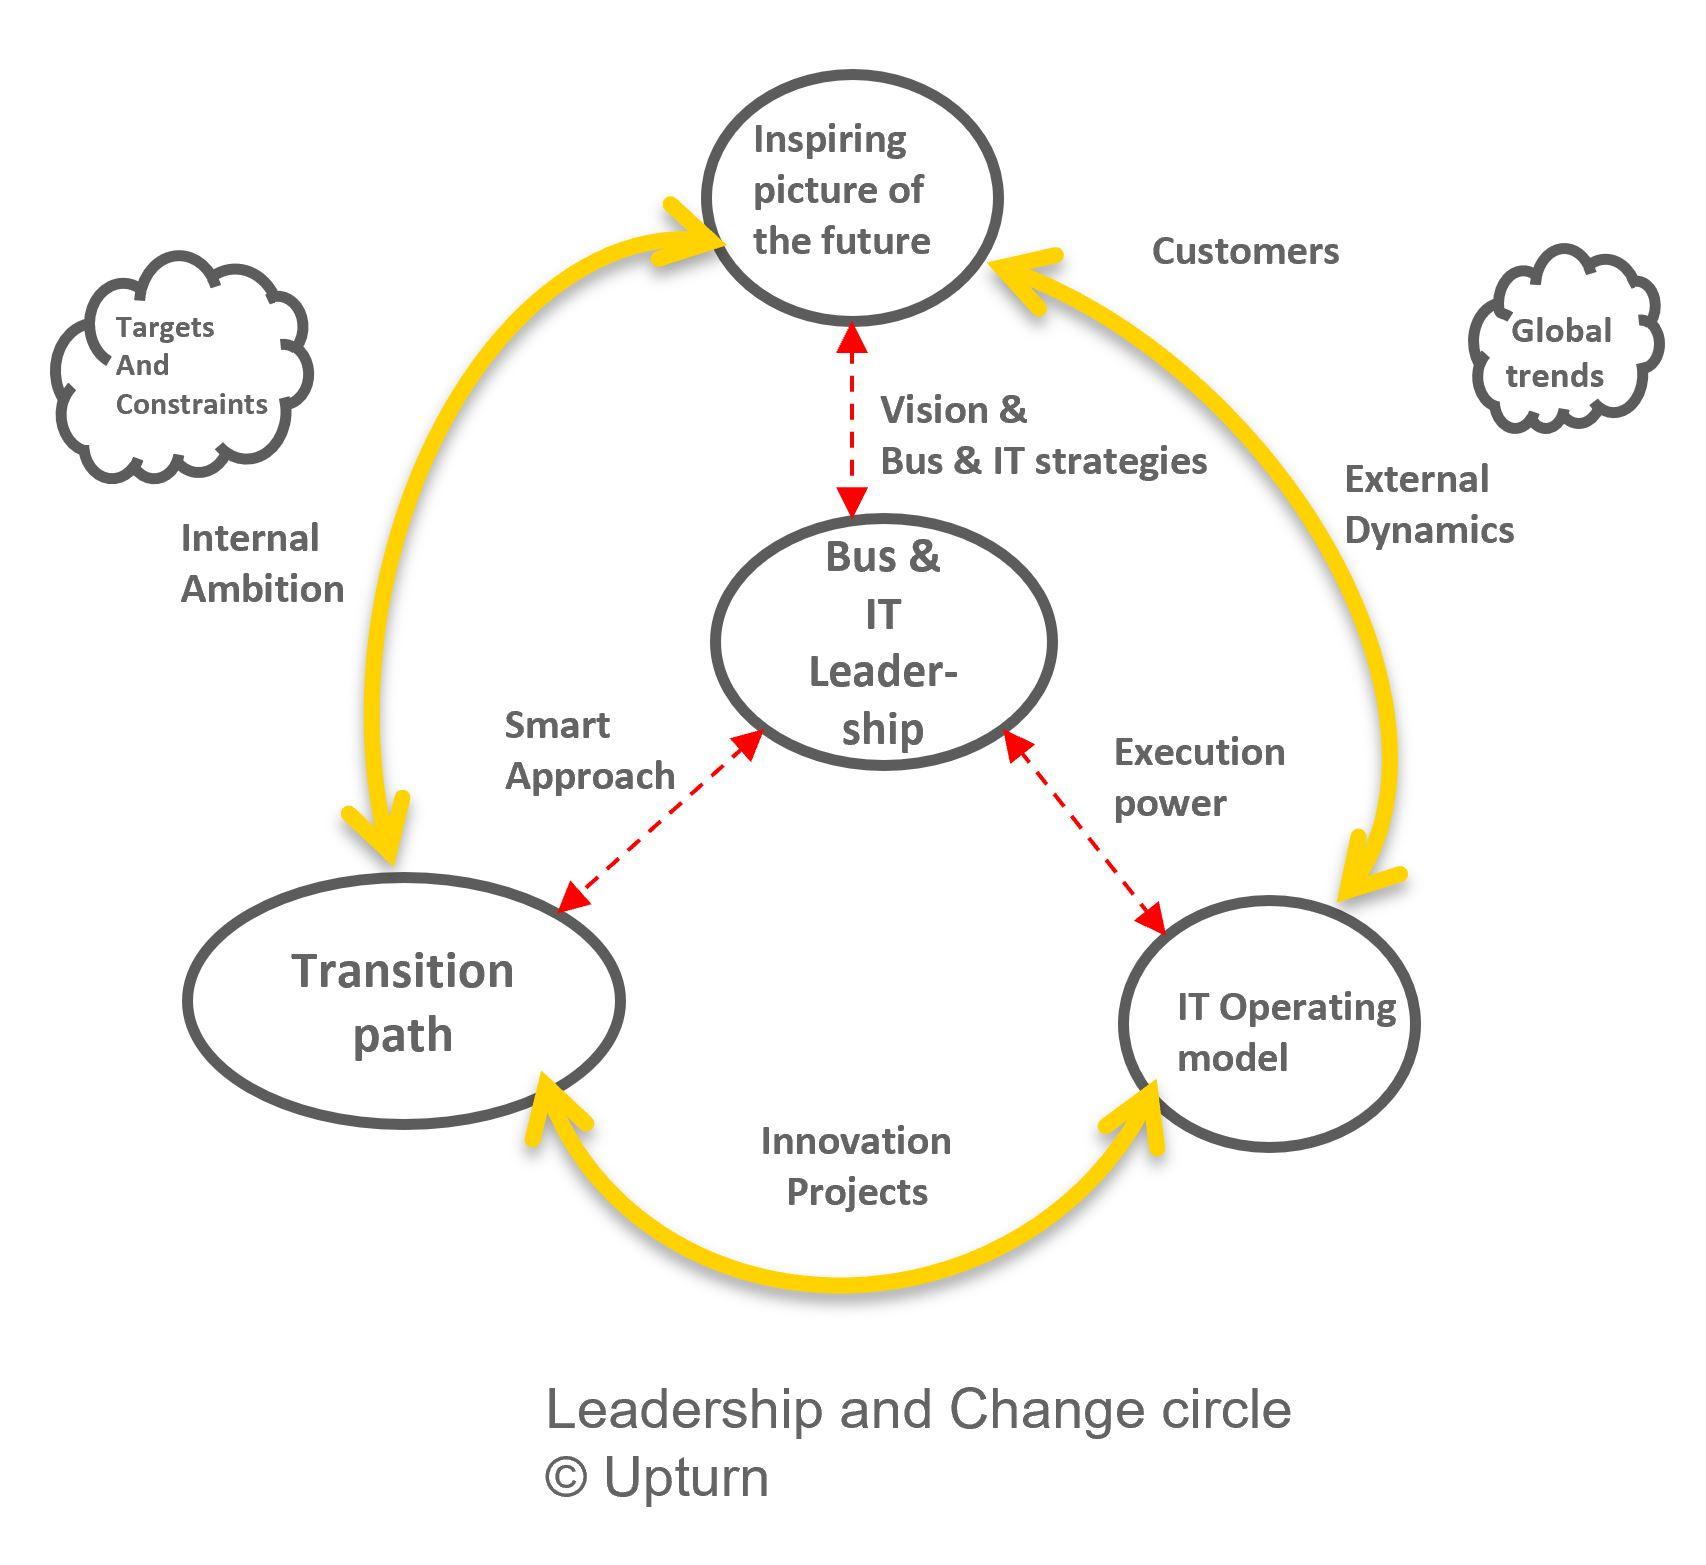 Leadership & Change circle